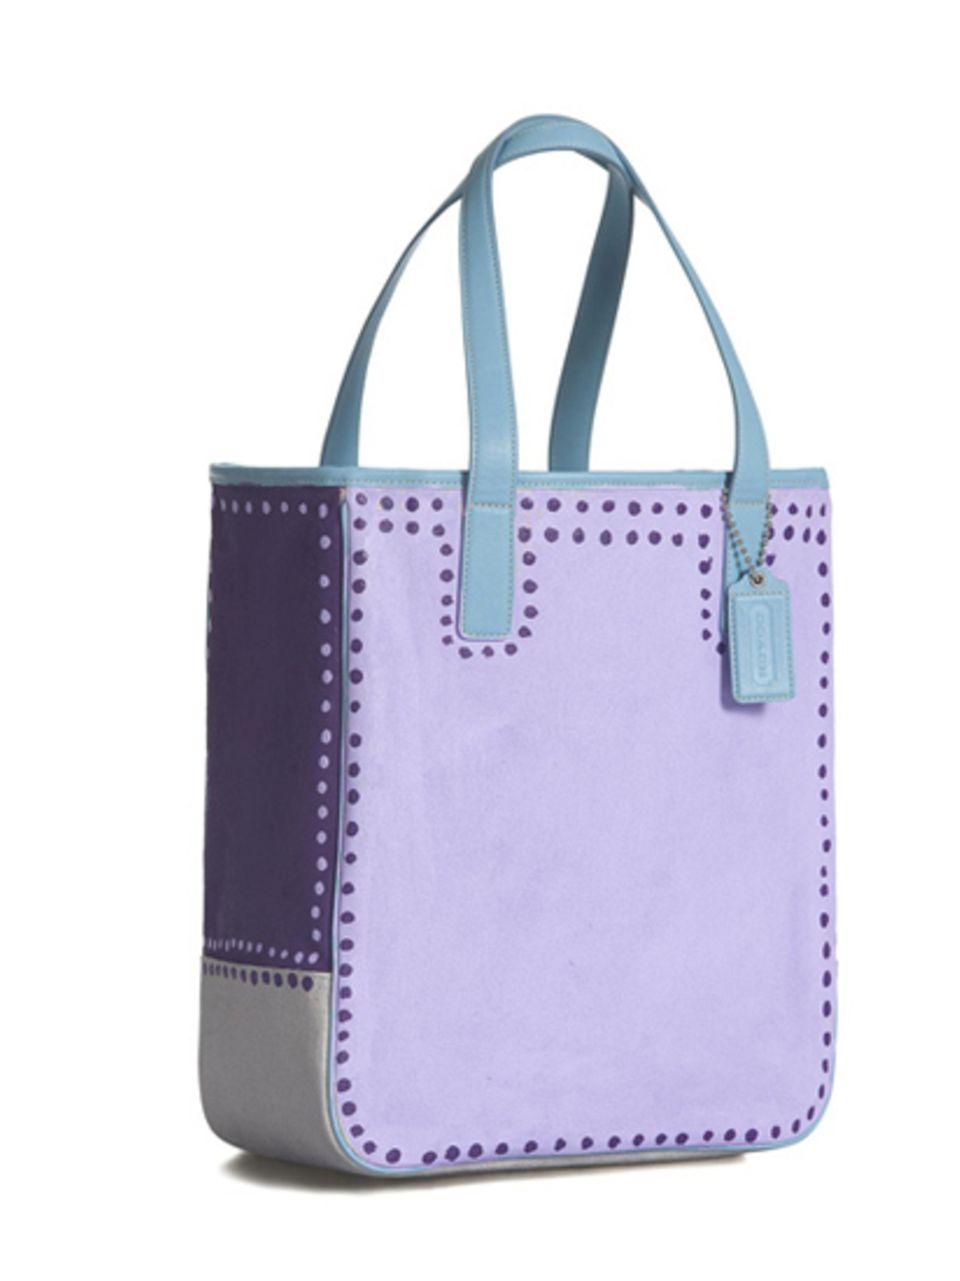 Coach bag: Brooke Shields